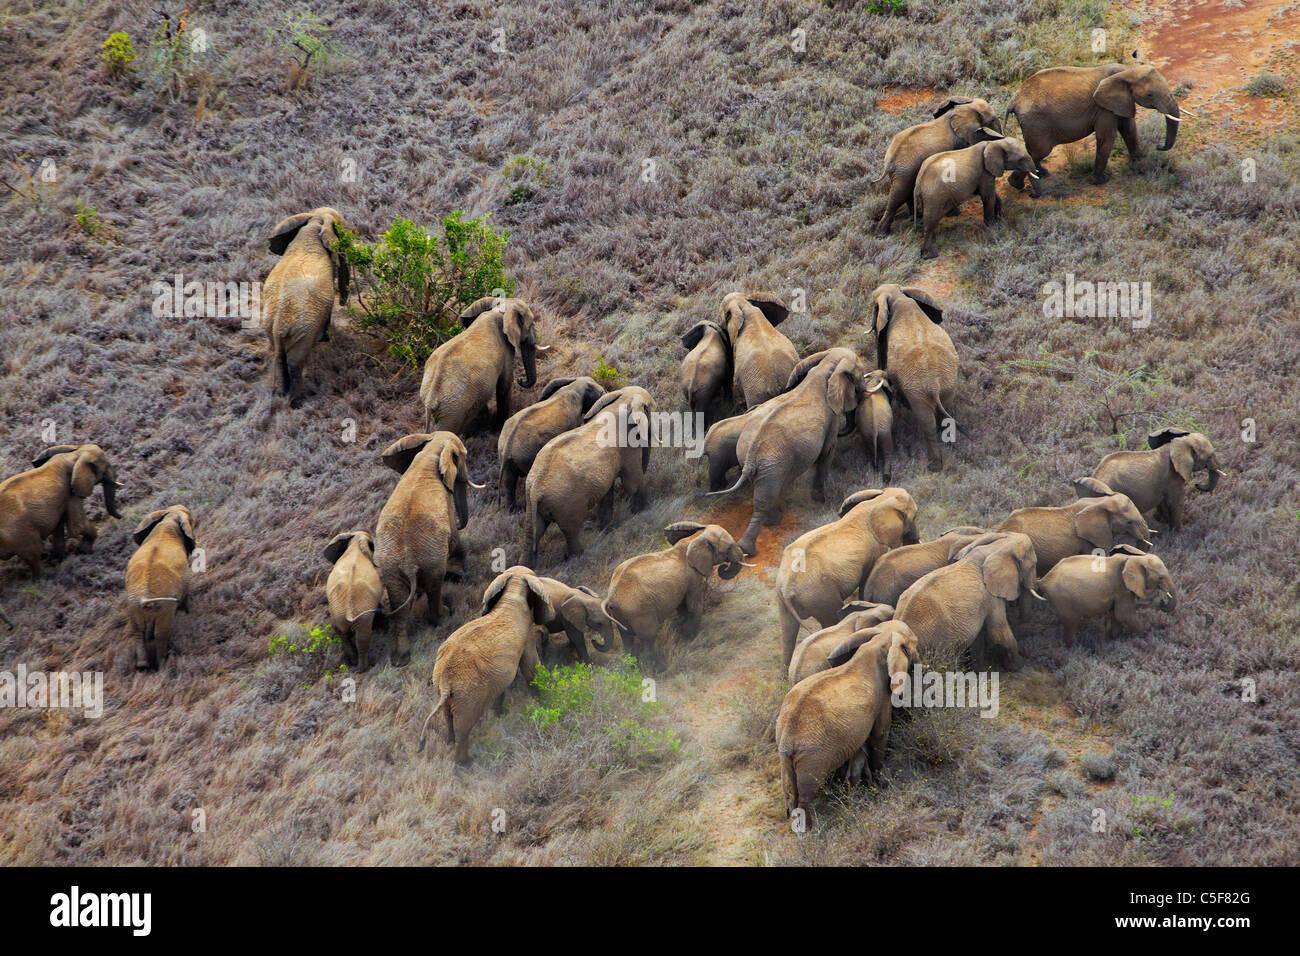 Luftaufnahme des afrikanischen Elefanten (Loxodonta Africana) in Kenia. Stockbild